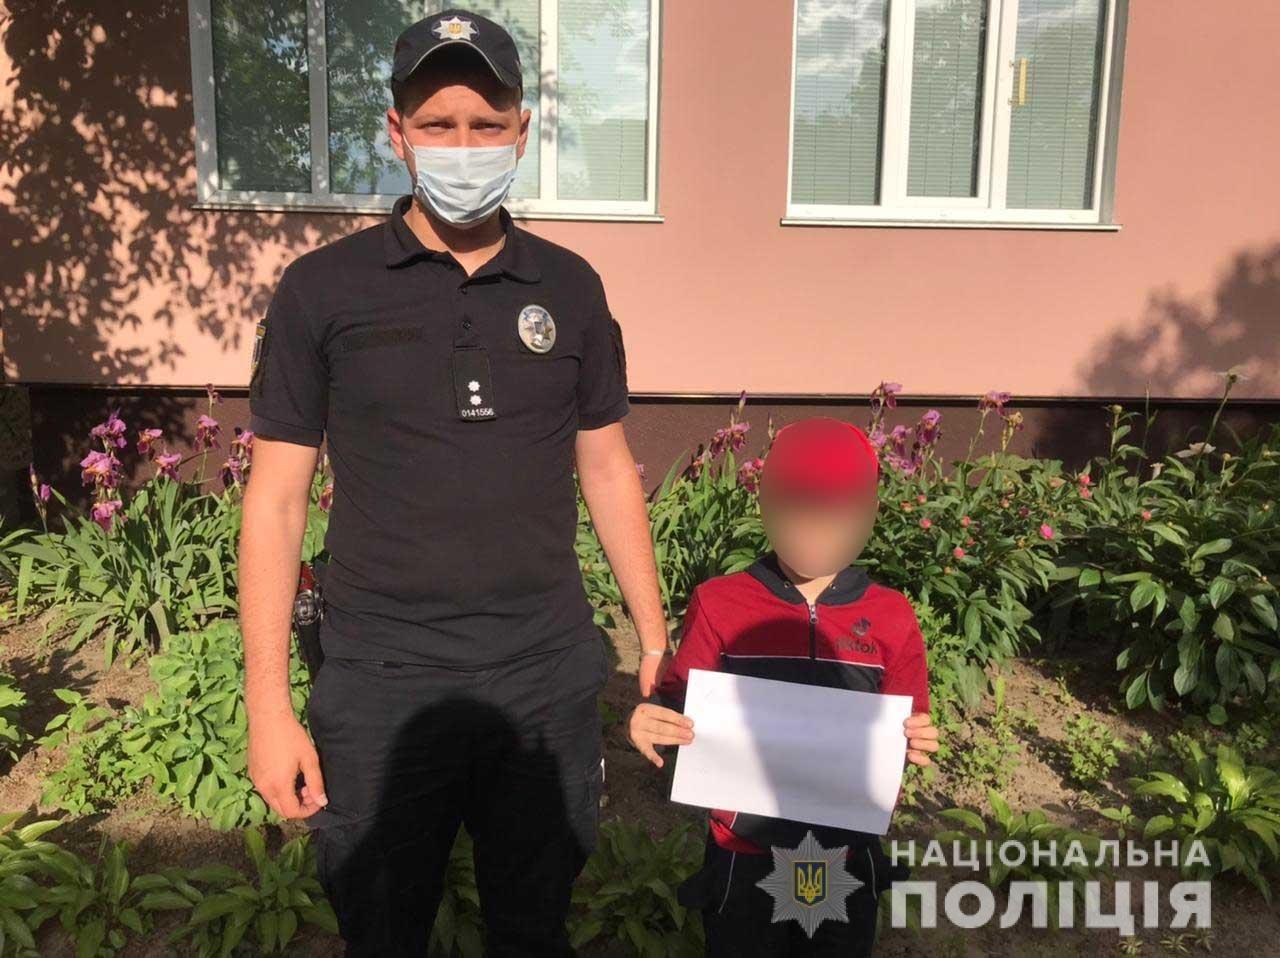 Троє дітей зникли в одному районі Чернігівщини протягом тижня. Що сталося?, фото-3